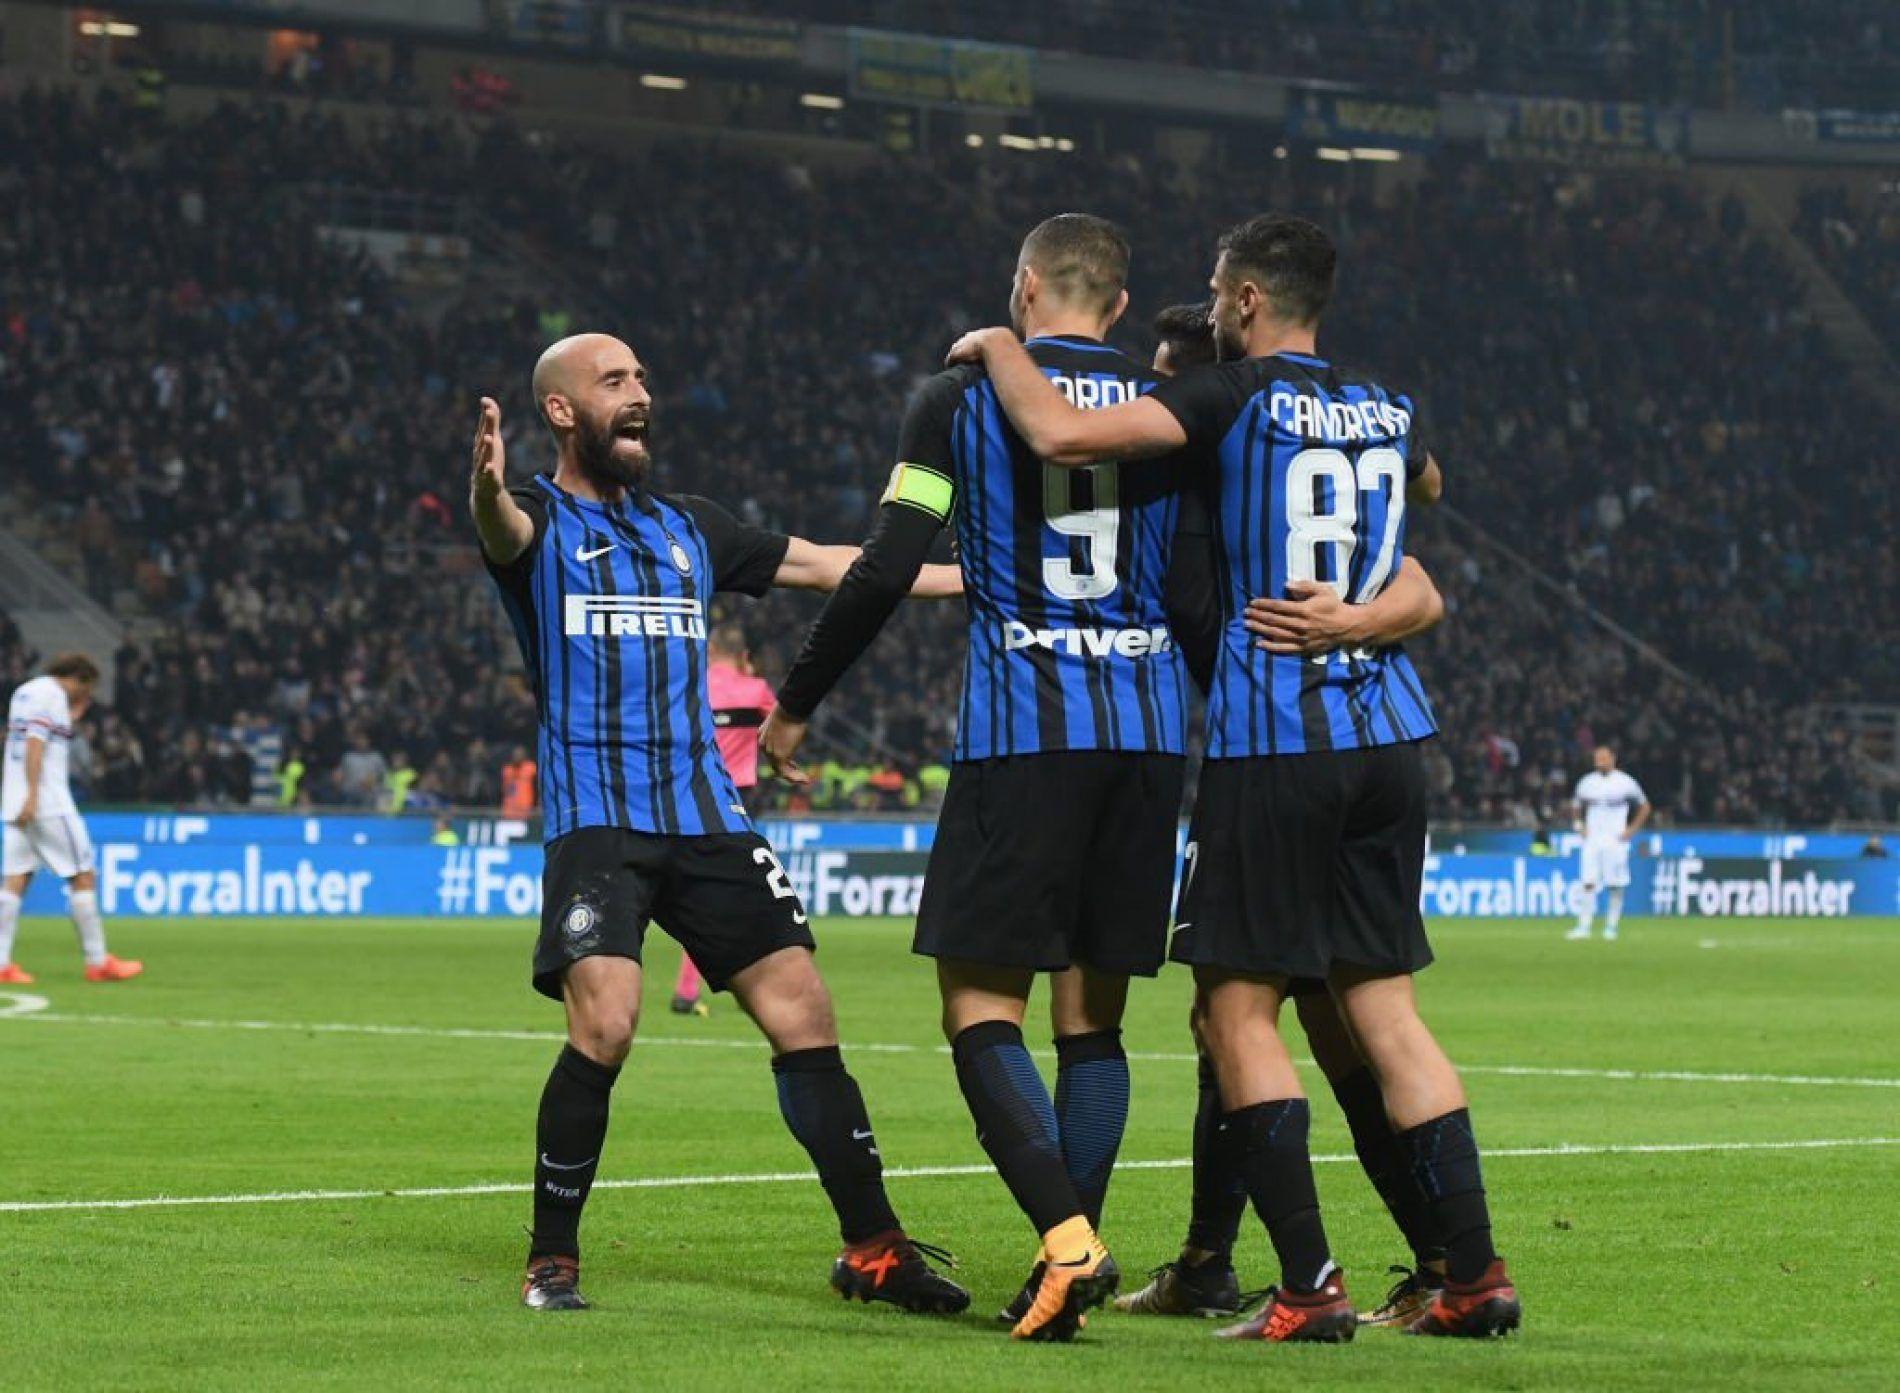 L'Inter si sta rafforzando. Il Napoli farà una grande